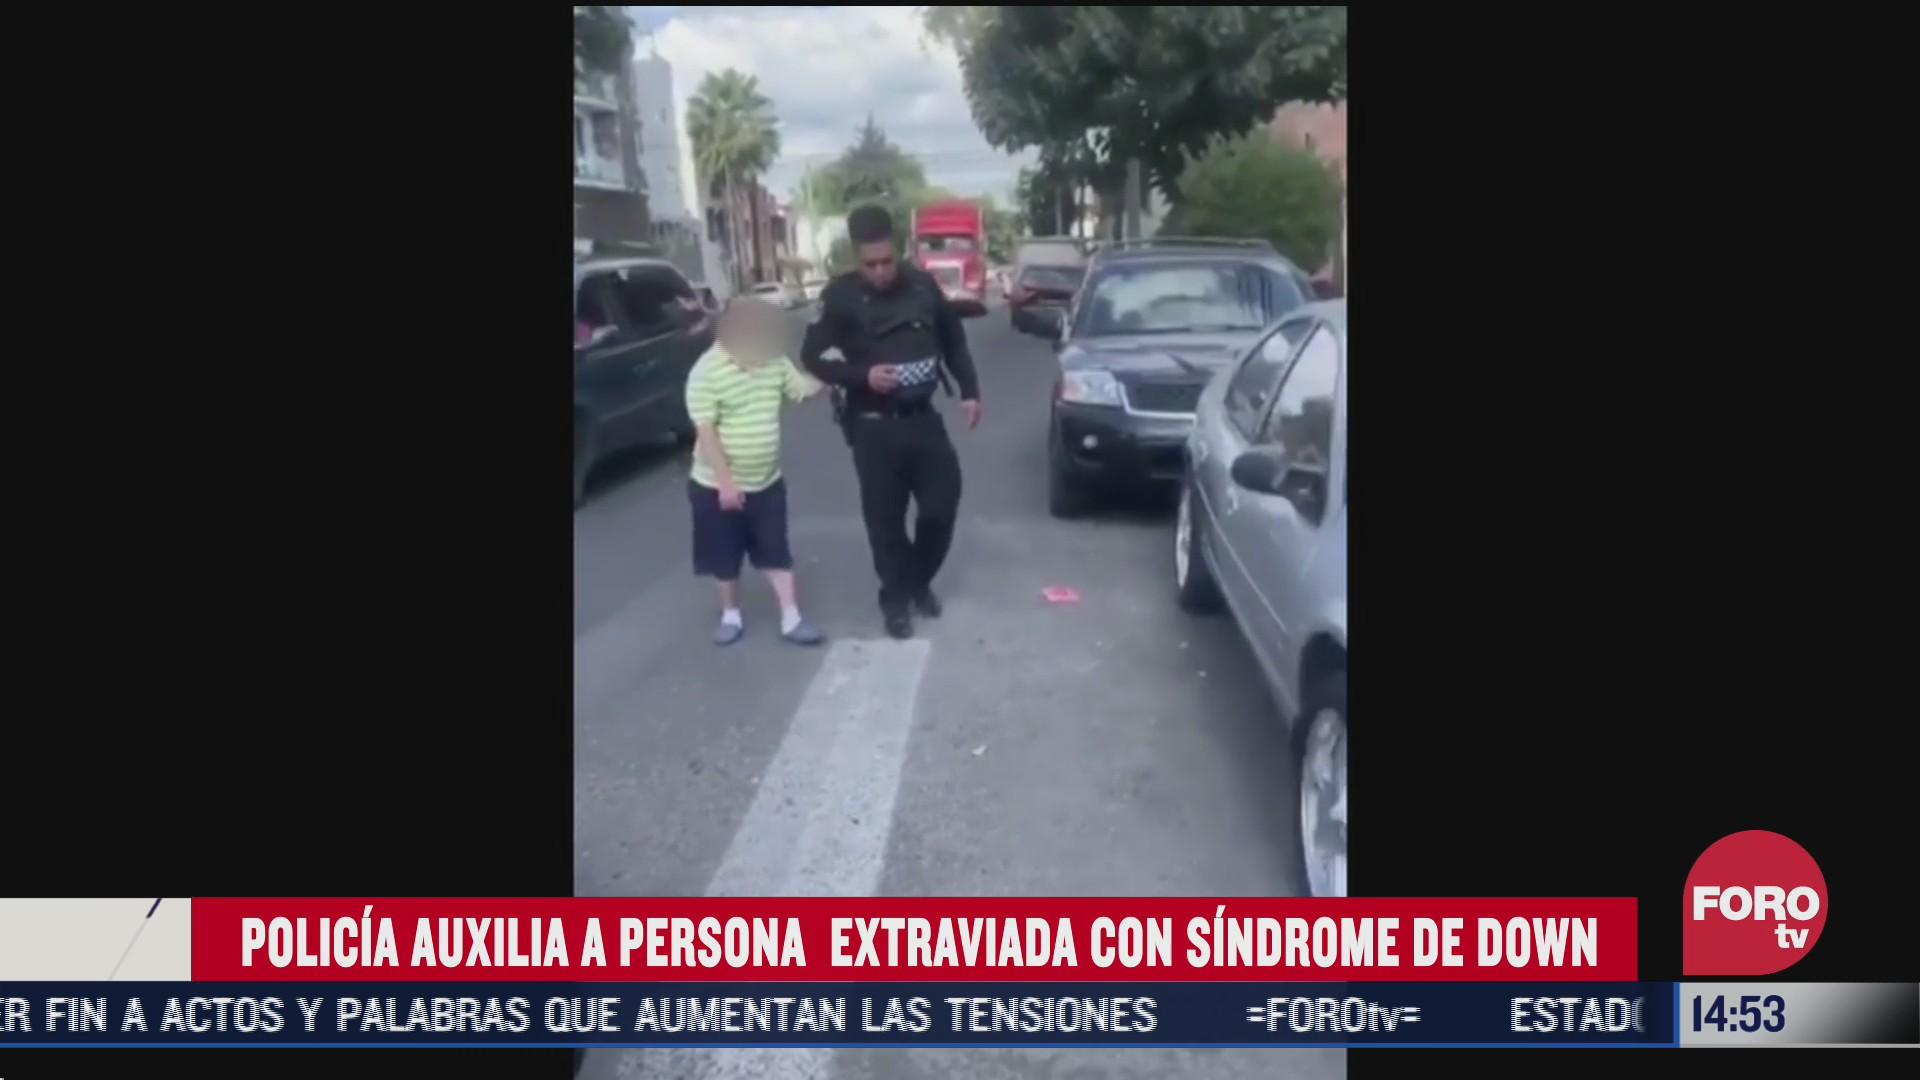 policia de cdmx auxilia a persona con sindrome de down extraviada